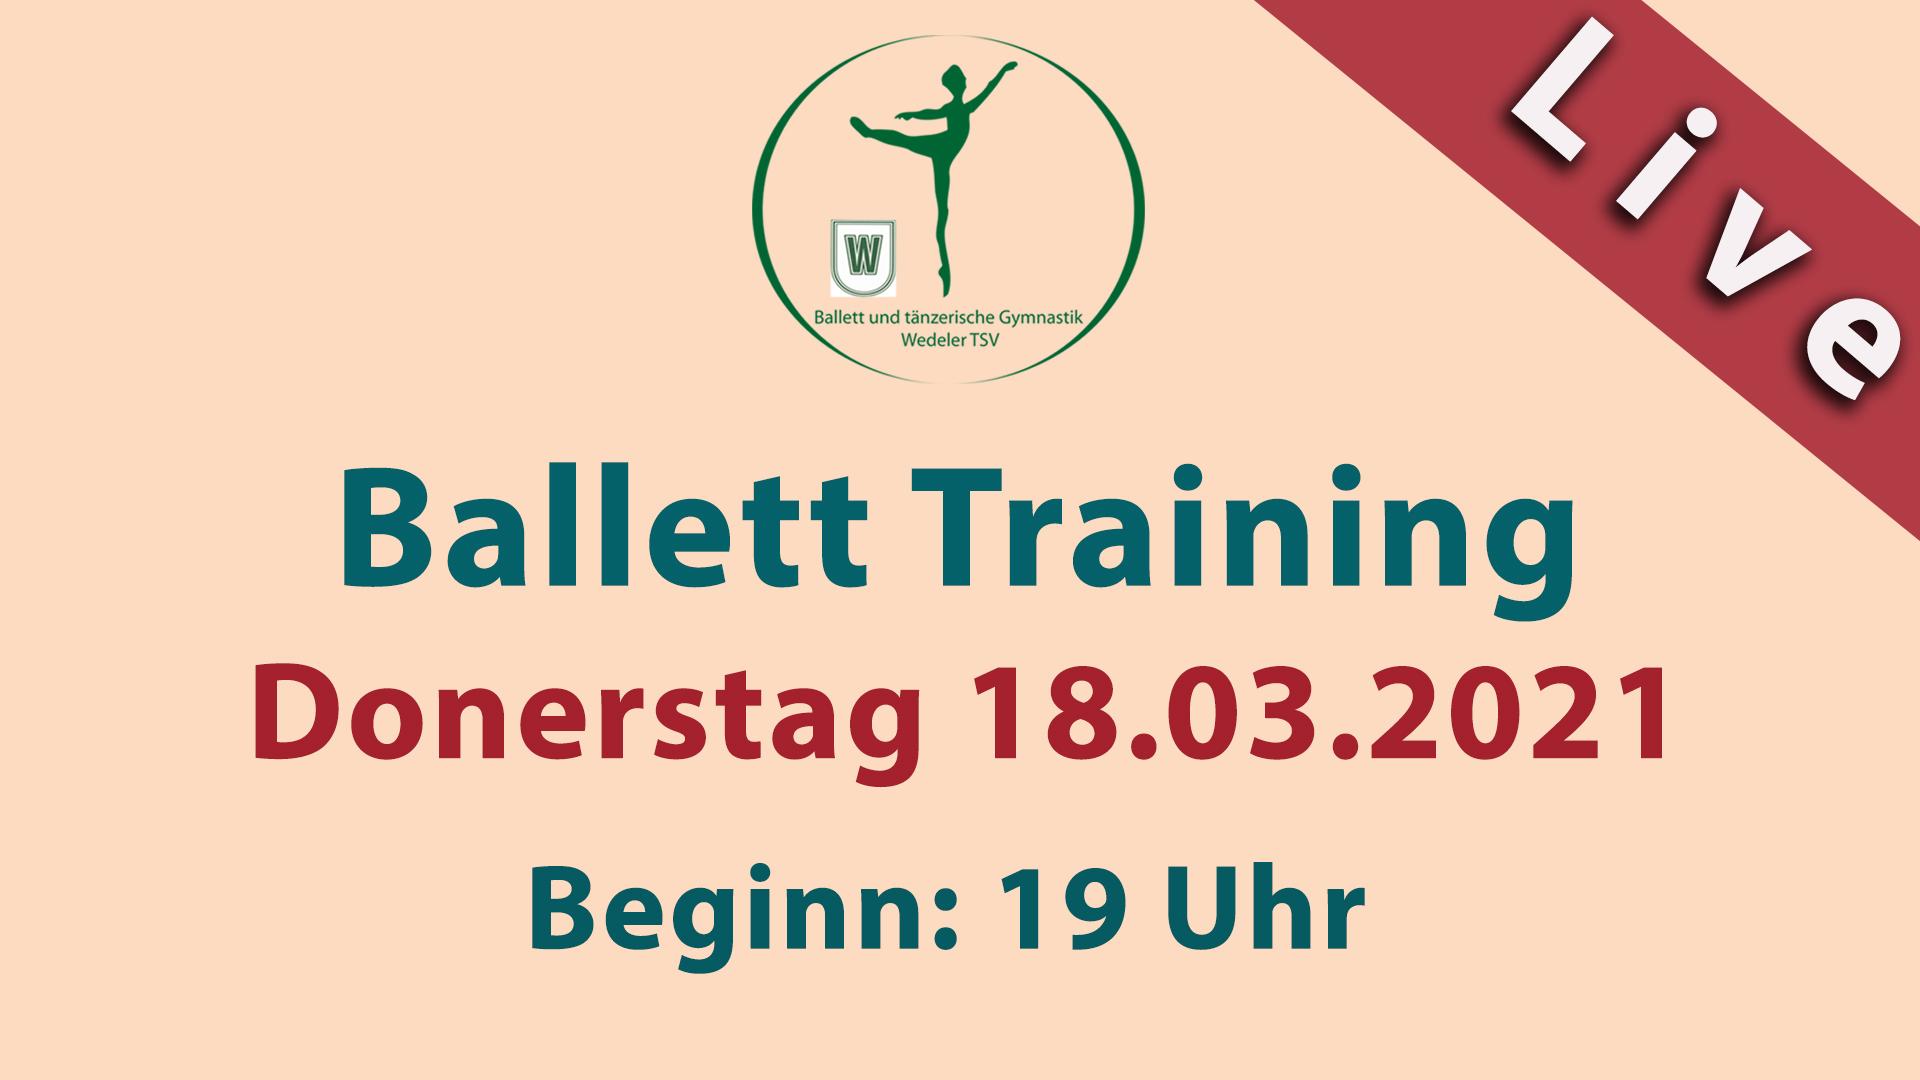 Ballett Training Livestream | DONNERSTAG 18.03.2021 | 19 Uhr